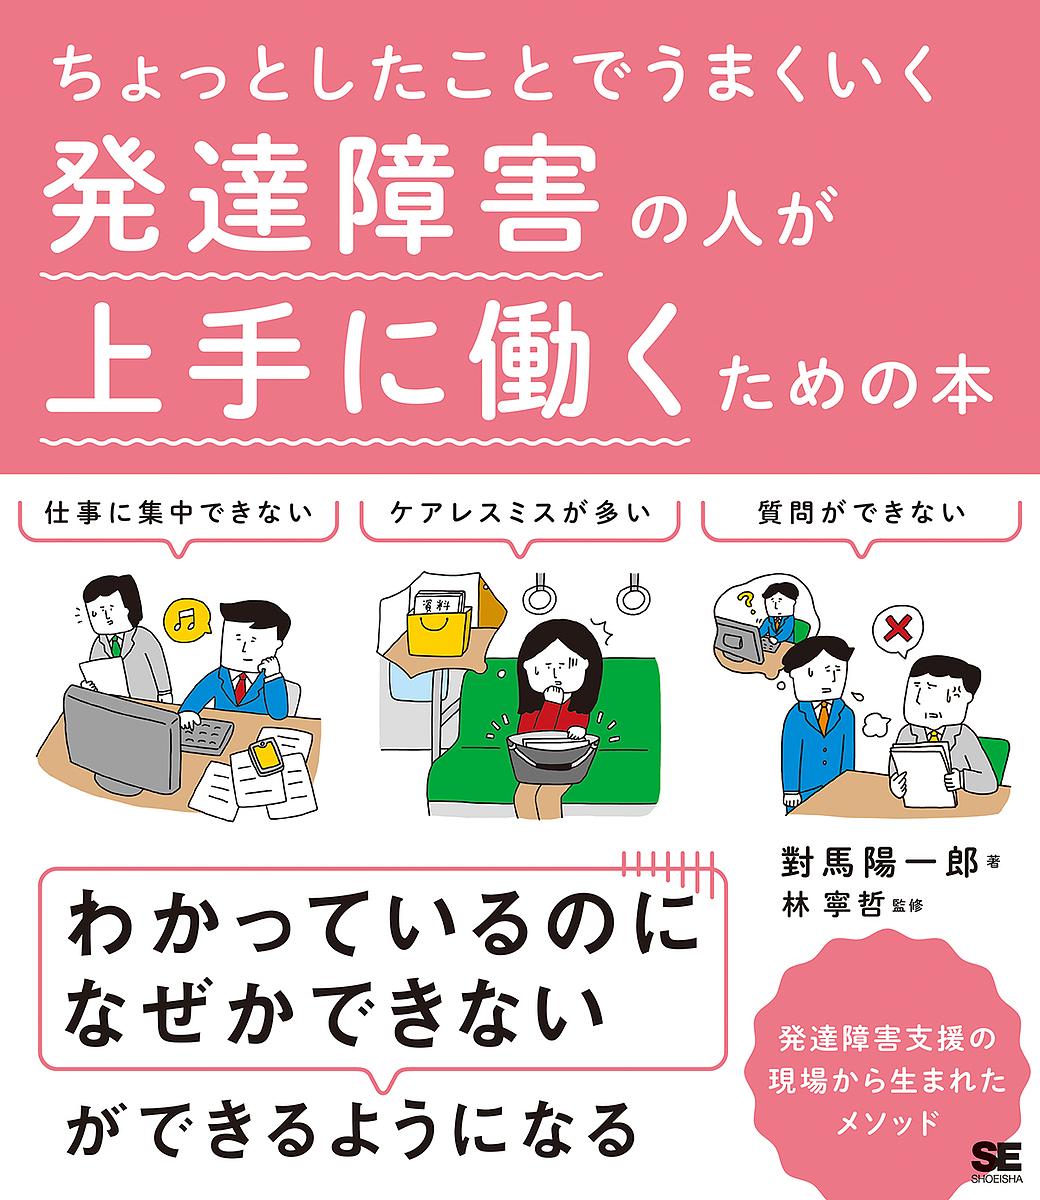 安売り ちょっとしたことでうまくいく発達障害の人が上手に働くための本 對馬陽一郎 1000円以上送料無料 林寧哲 出色